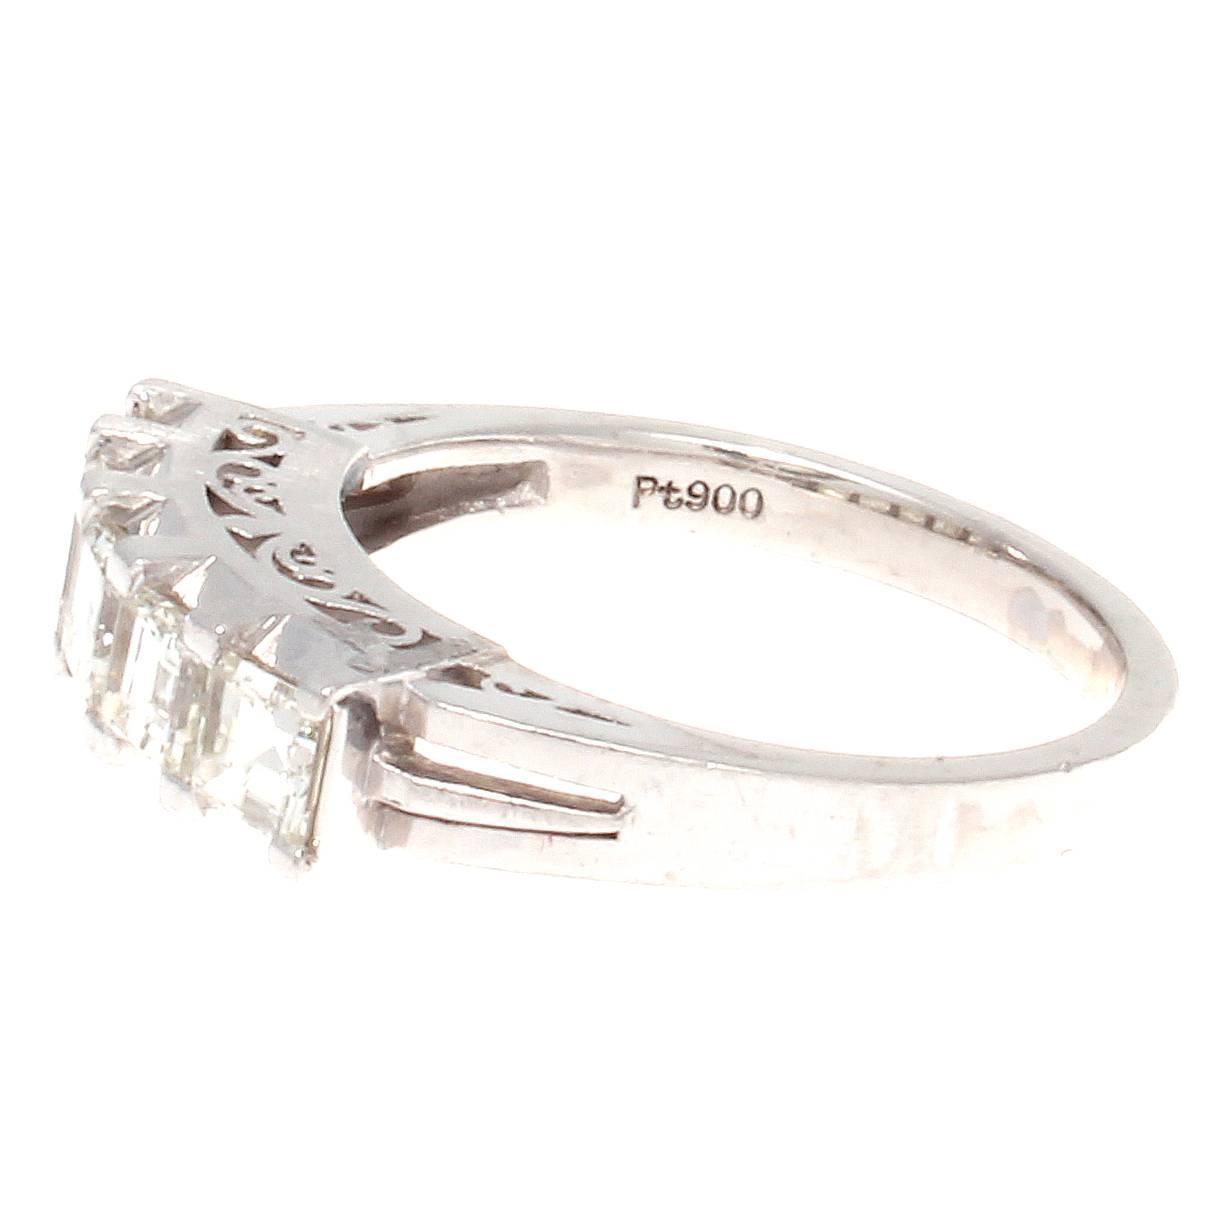 Asscher Cut Diamond Platinum Ring at 1stdibs